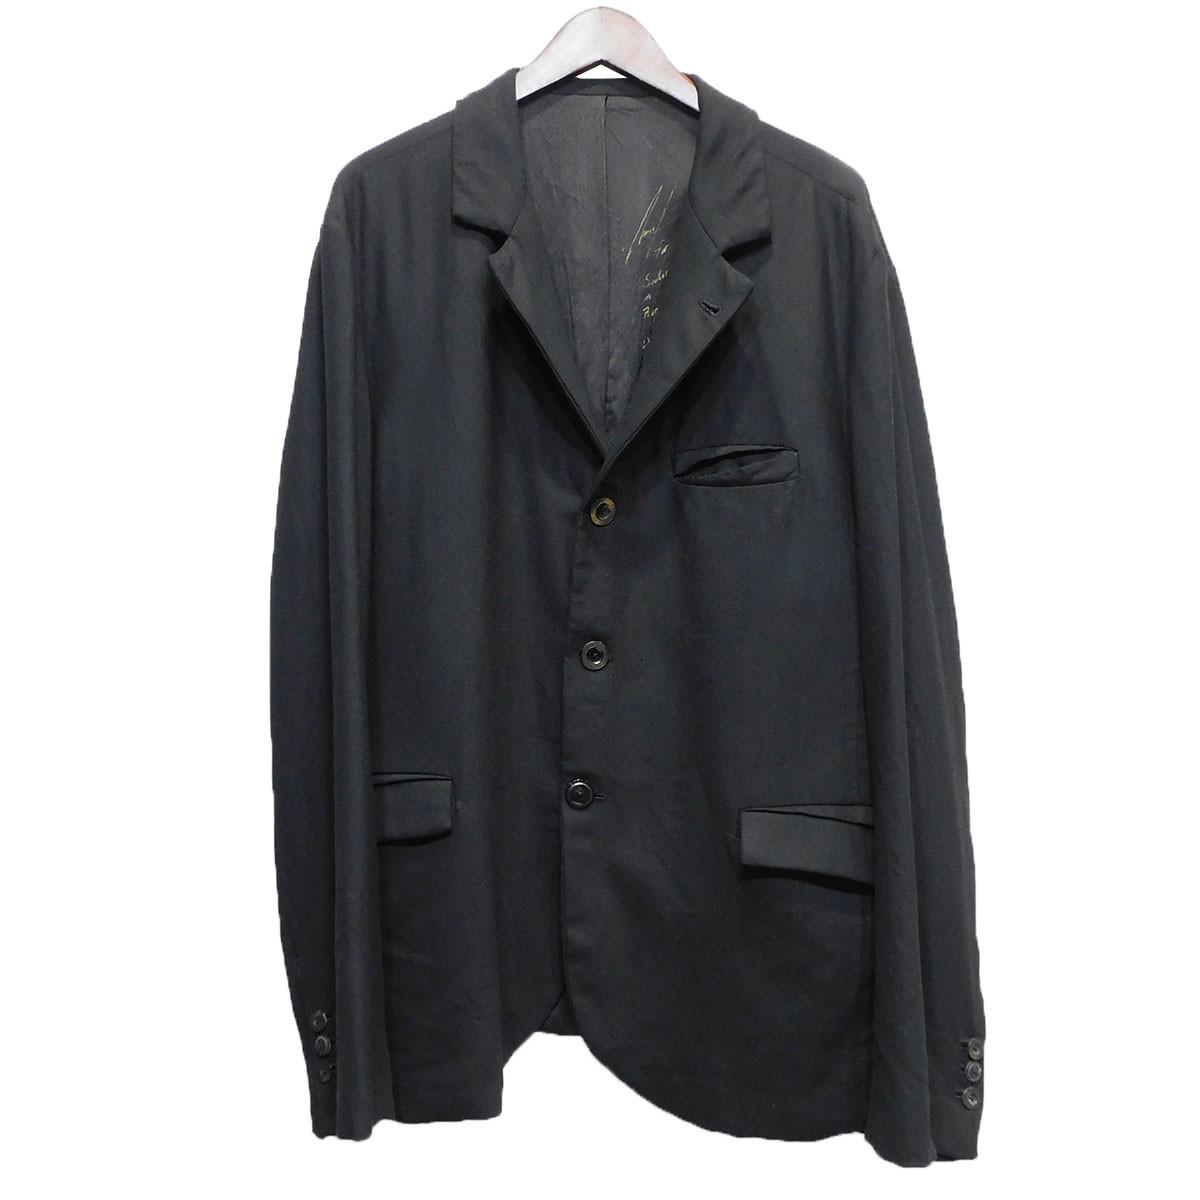 【中古】GEOFFREY B.SMALLサイン入りウールジャケット ブラック サイズ:XL 【5月11日見直し】